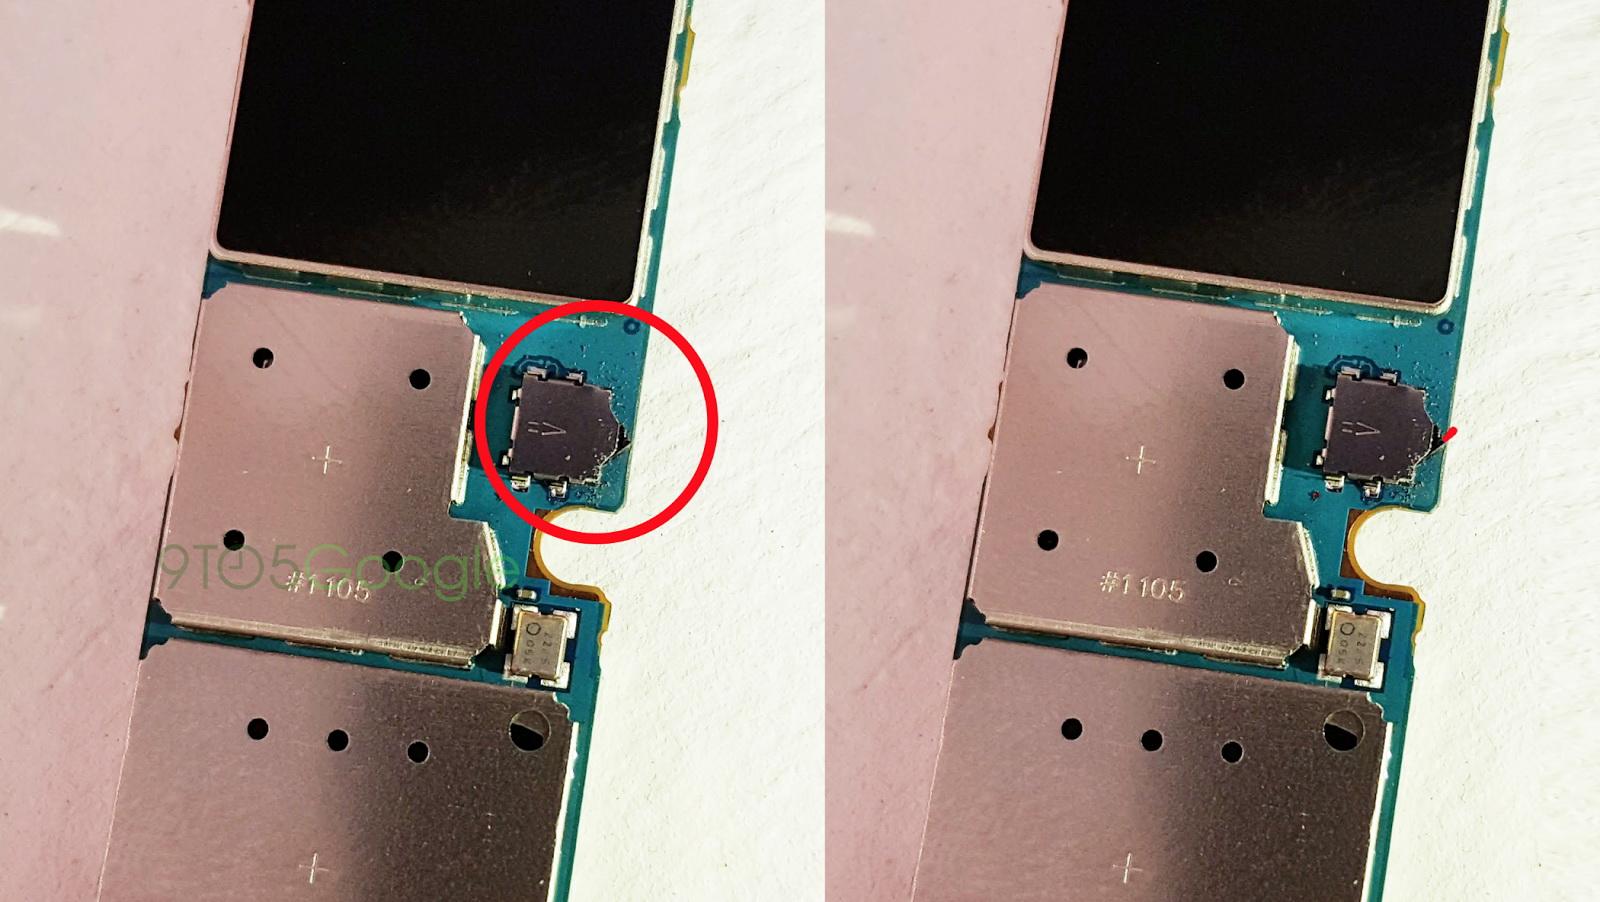 Iată de ce şi cum se blochează stylusul în Galaxy Note 5, conform unei disecţii a terminalului